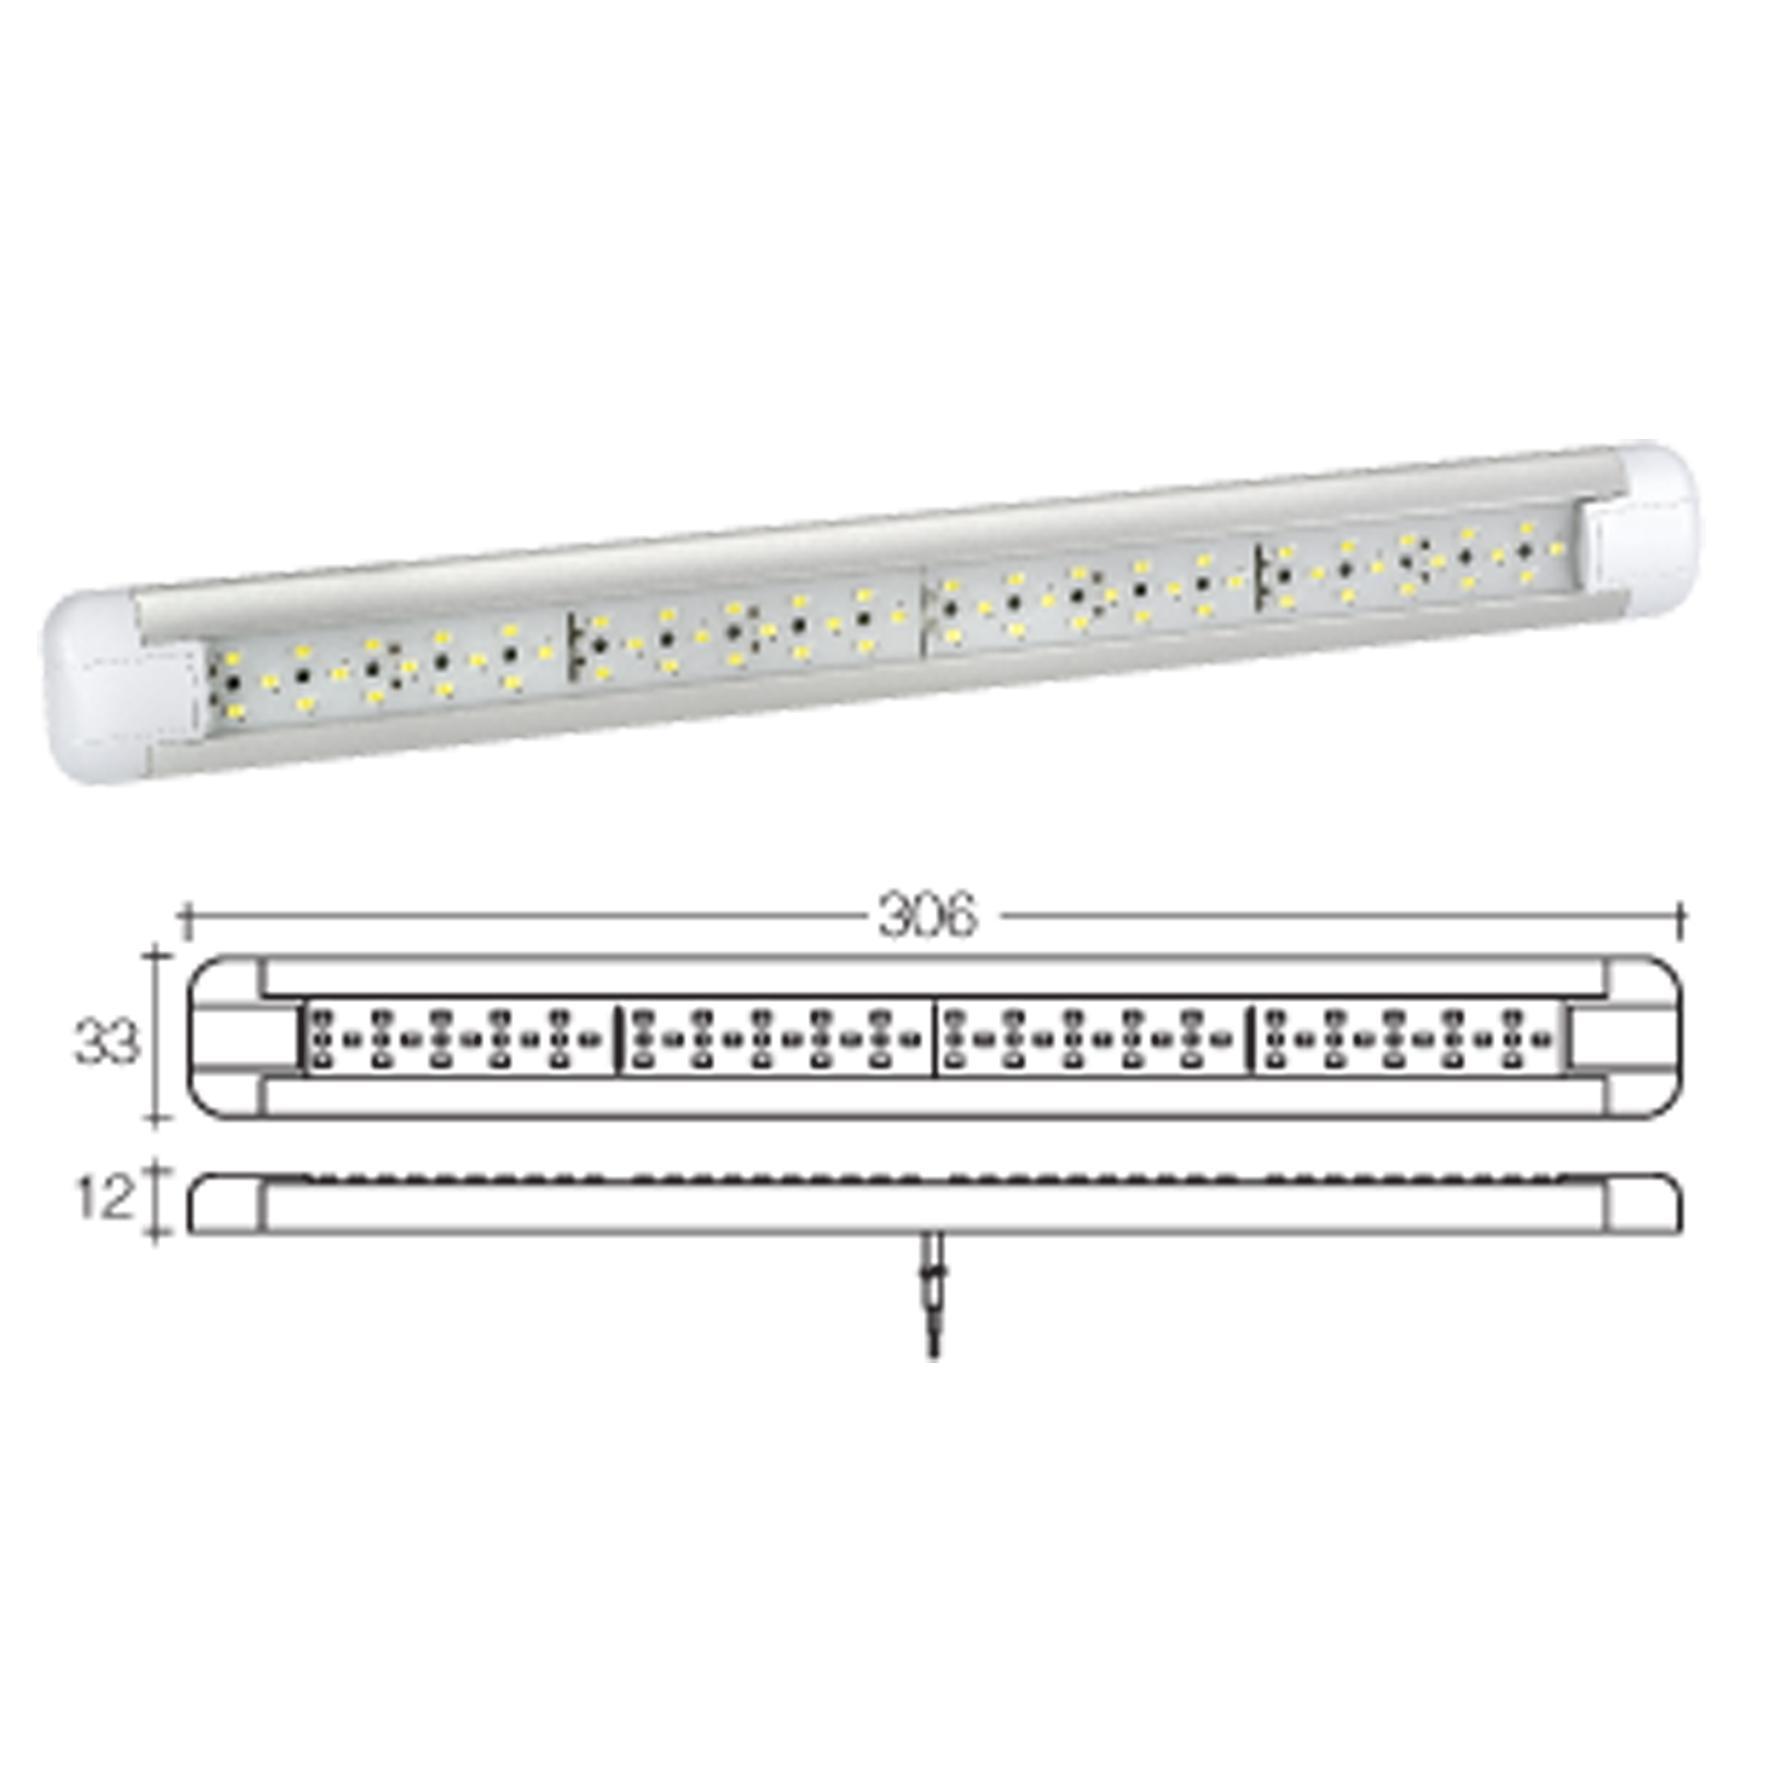 12 volt led lampen 12 volt lampen 12 volt lampen images for Lampen strahler